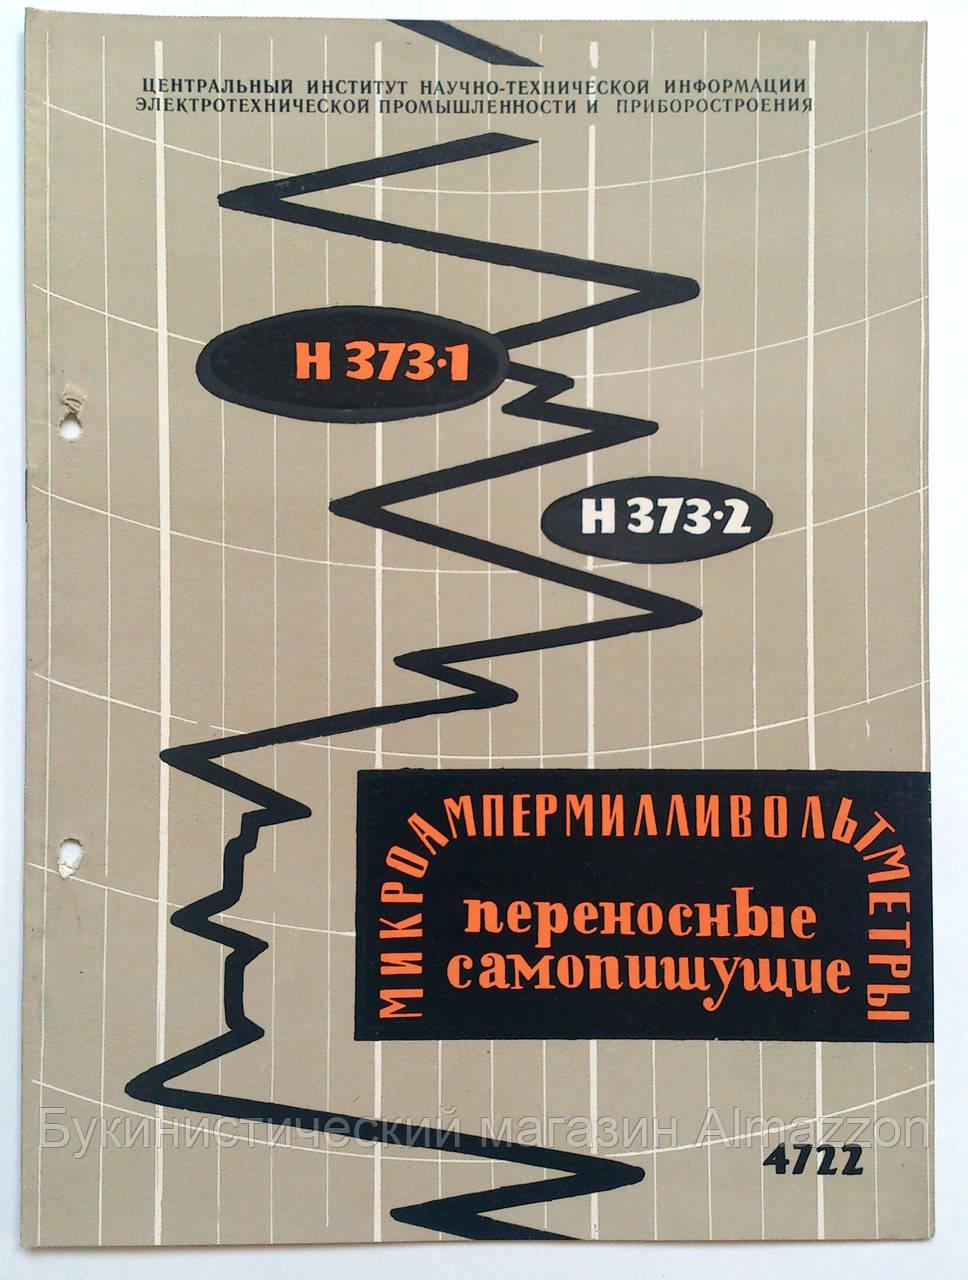 """Журнал (Бюллетень) """"Микроампермилливольтметры переносные самопишущие Н 373-1 и Н 373-2"""" 1960 год"""